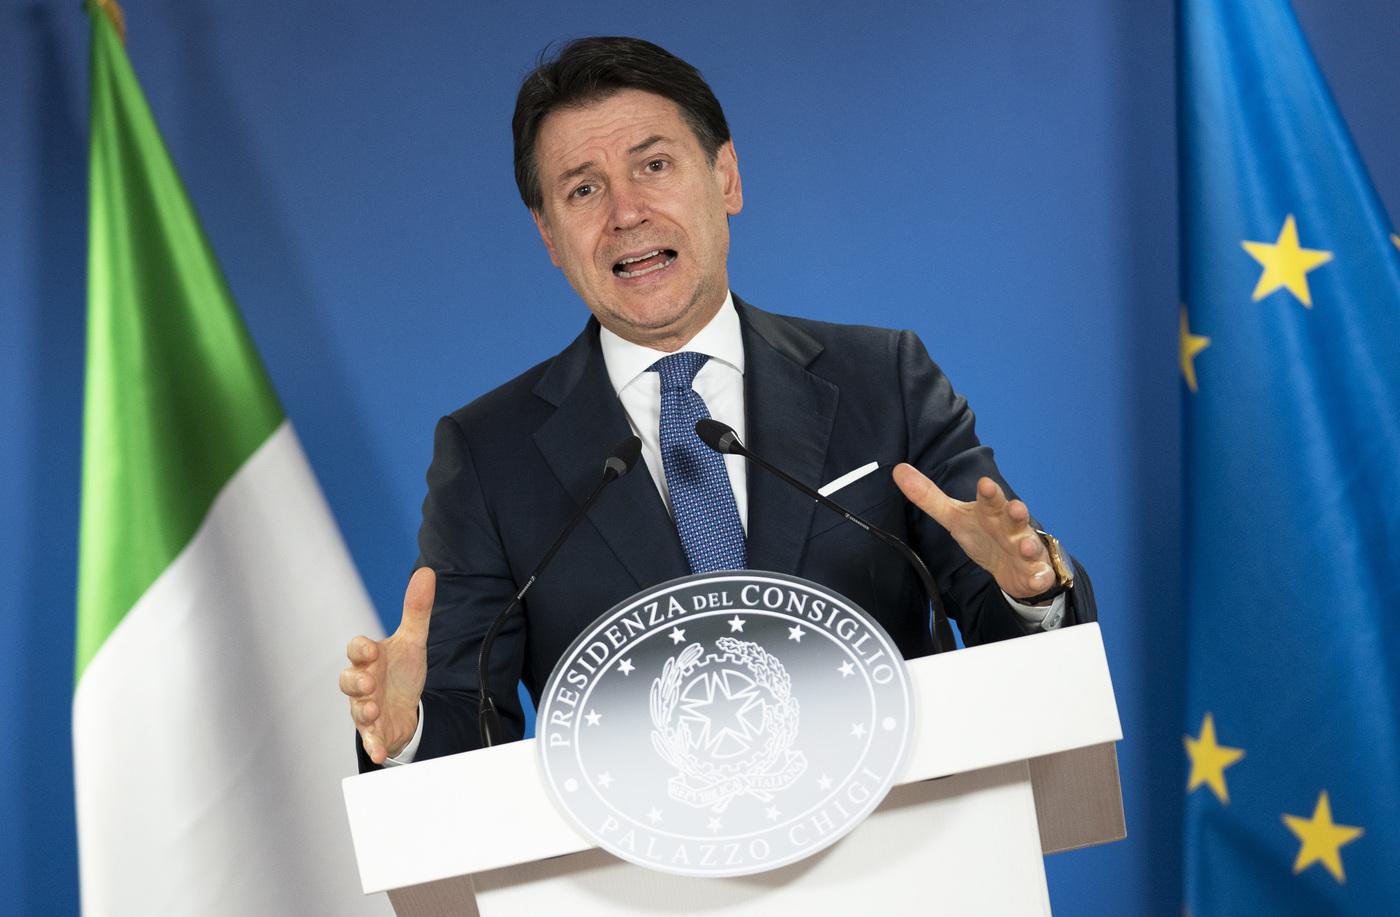 Il Presidente Giuseppe Conte a Bruxelles al Consiglio europeo e all'Eurosummit